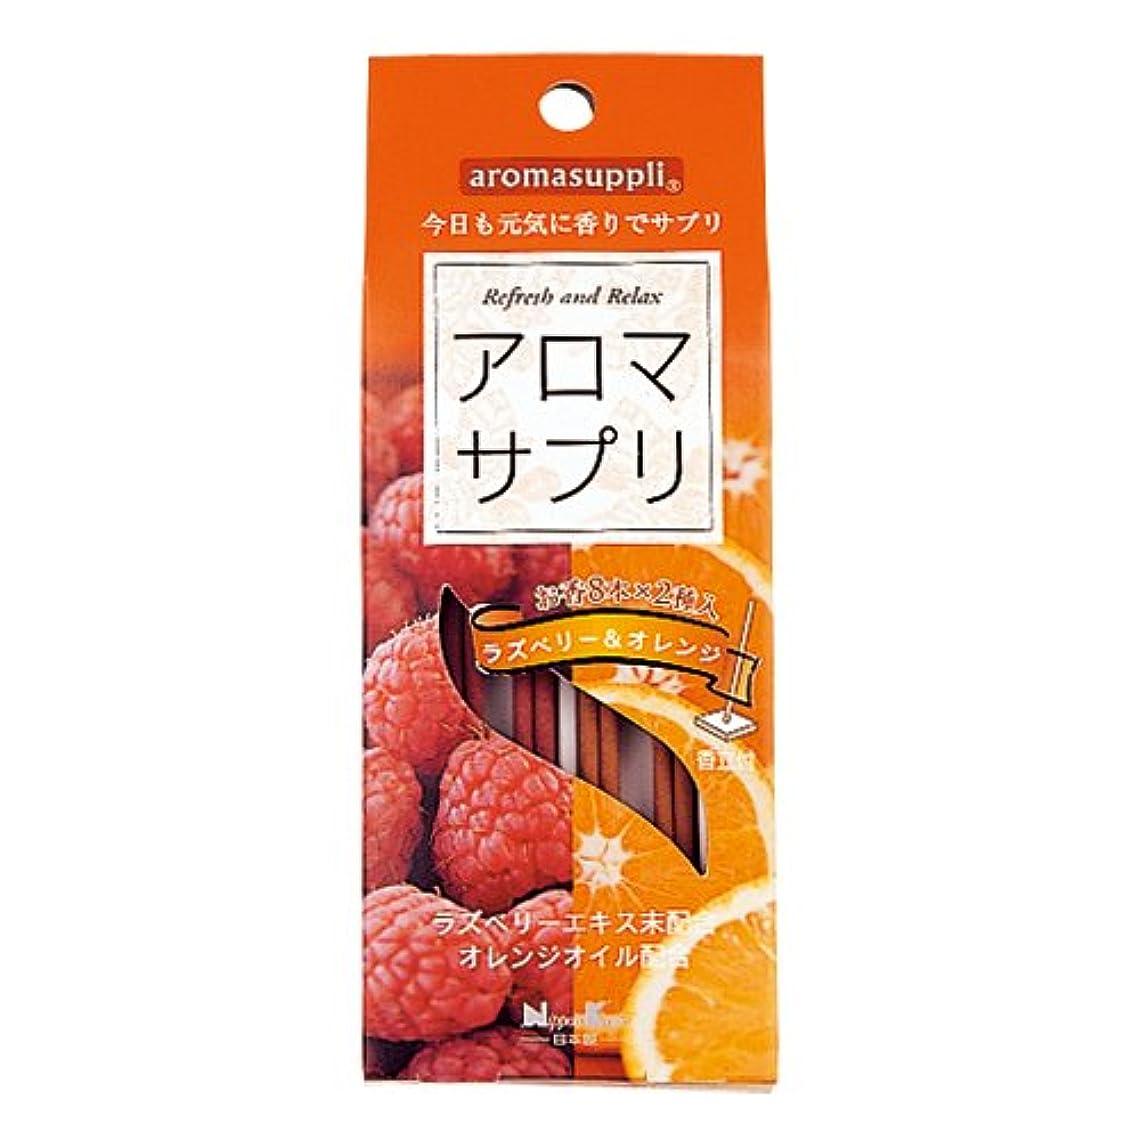 有害な器官異常【X5個セット】 アロマサプリ ラズベリー&オレンジ 8本入×2種